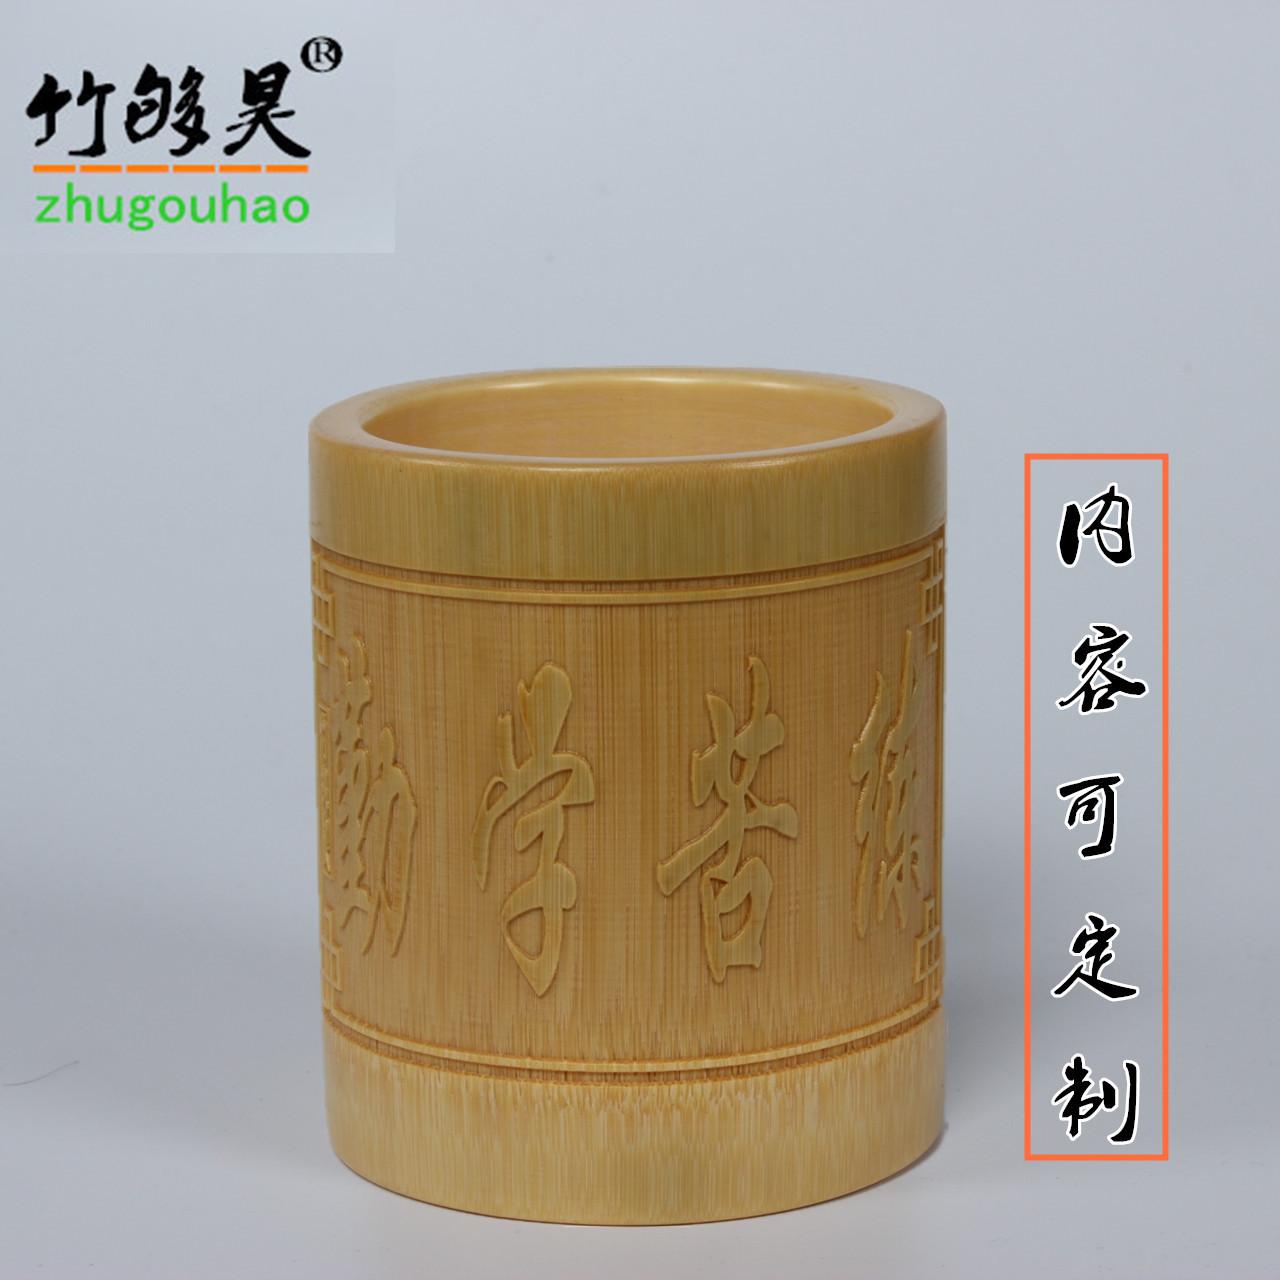 竹够昊竹笔筒 大小可以定制 高矮可以定制 各种图案可以定制竹雕